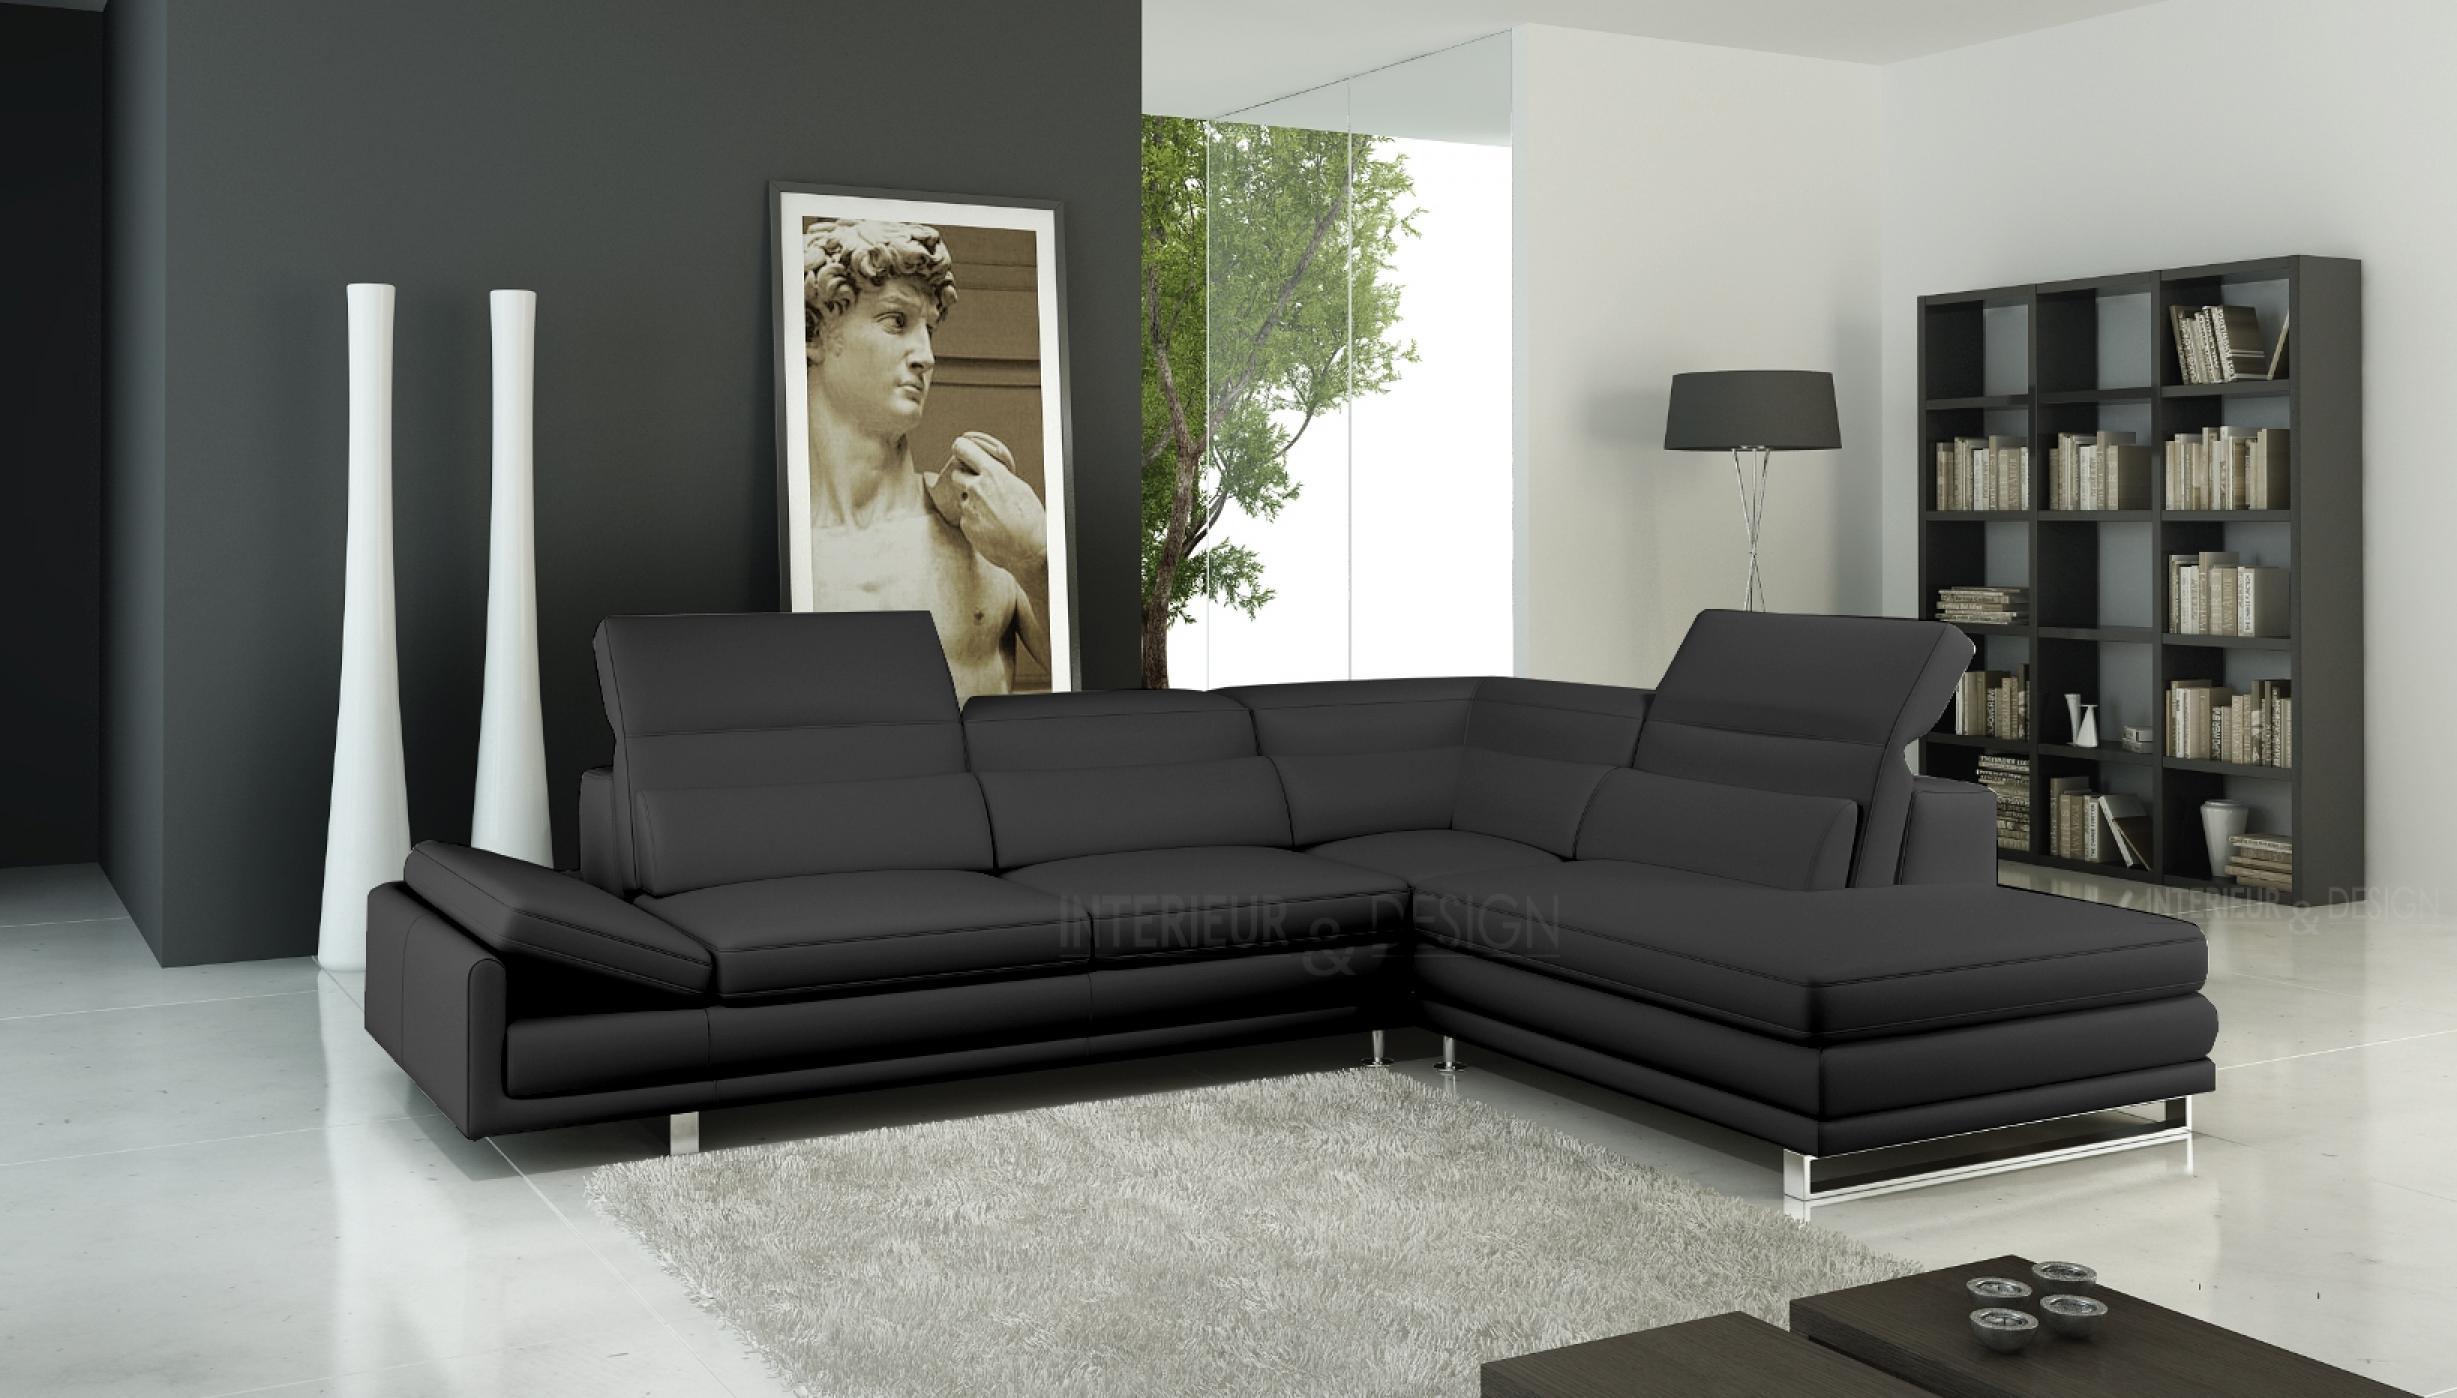 cuir design plan de campagne canap en cuir design et moderne de couleur noir teck in home with. Black Bedroom Furniture Sets. Home Design Ideas